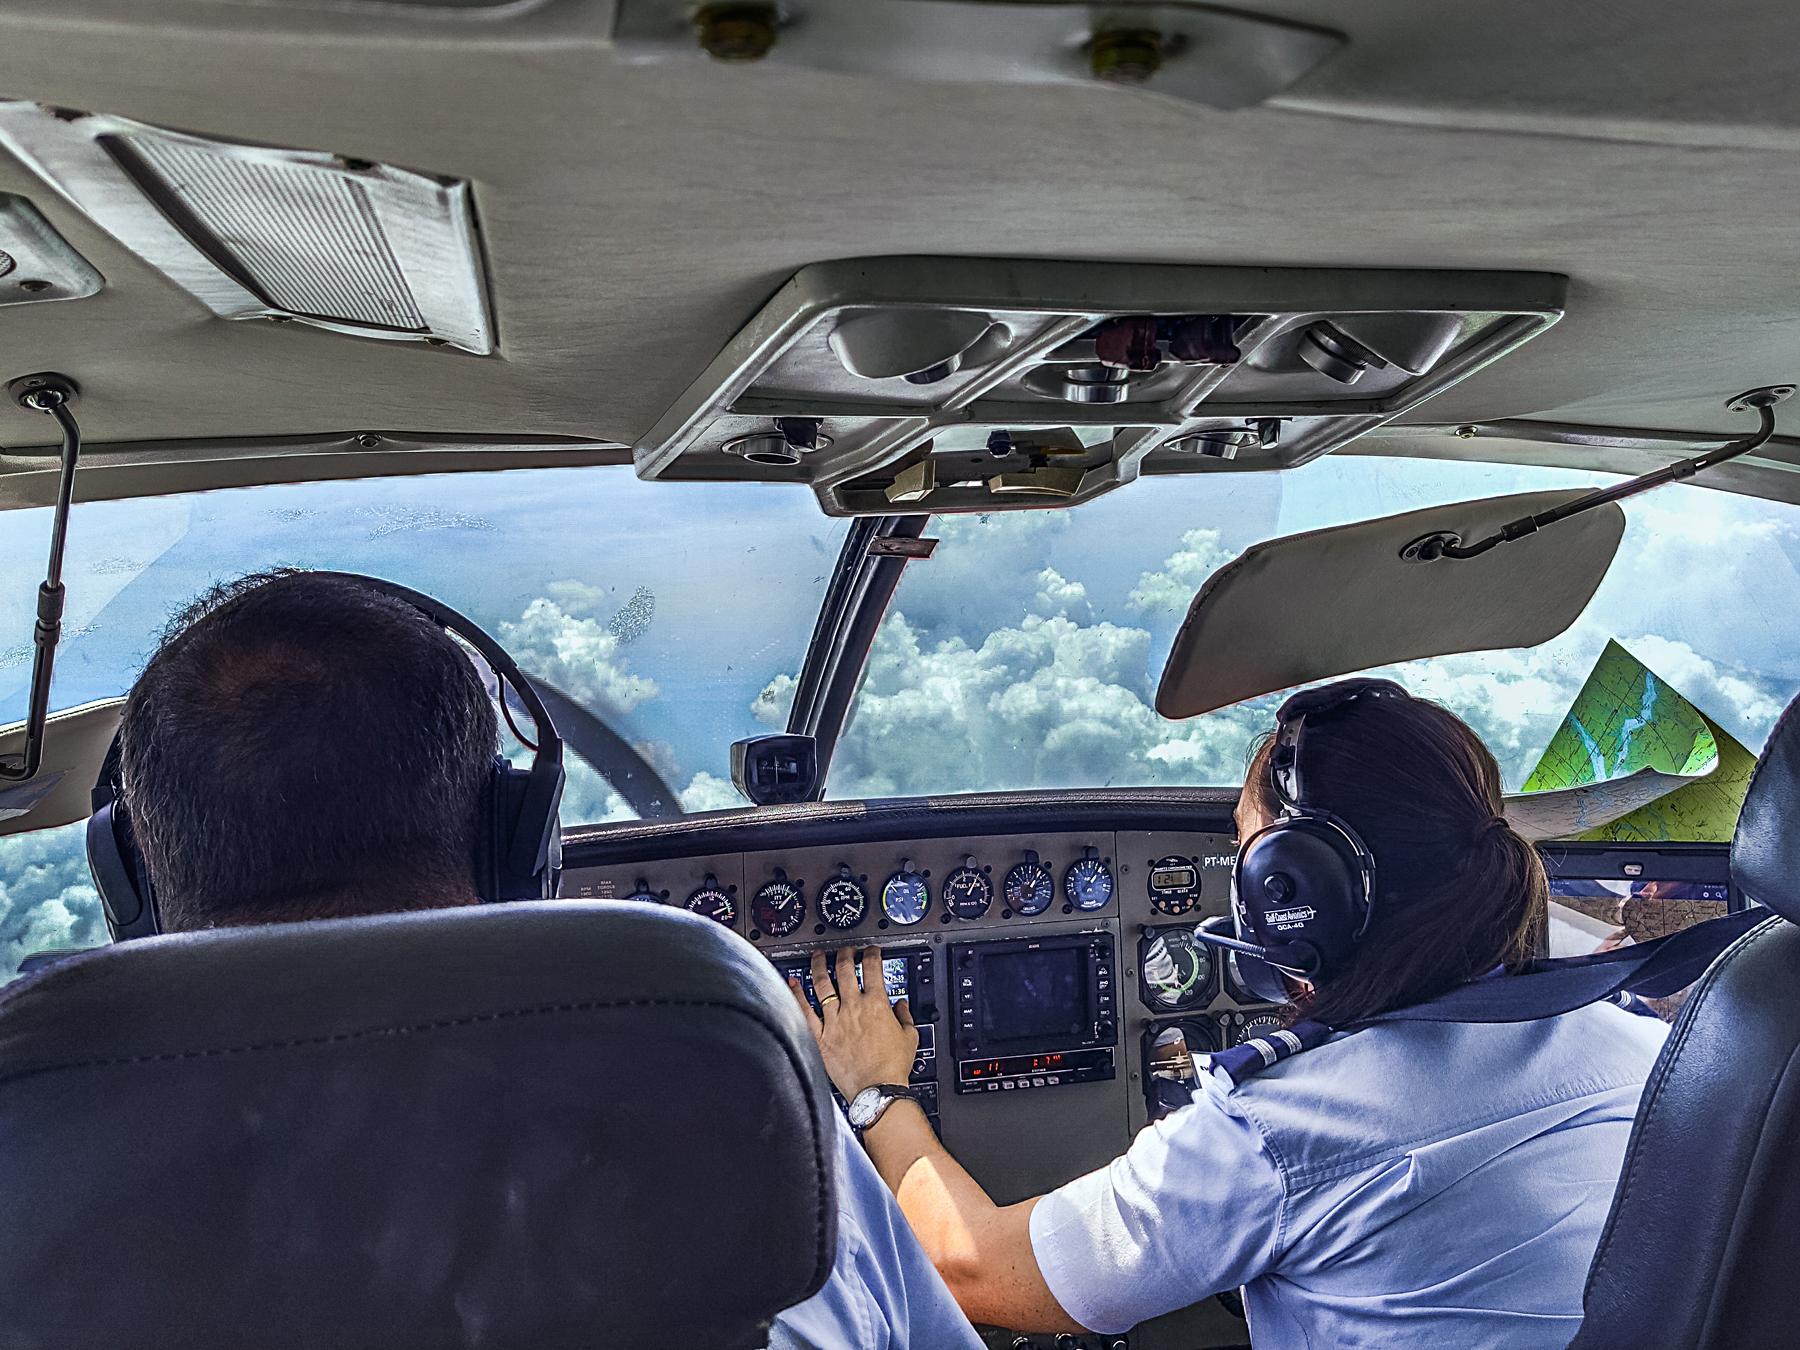 Passageiros podem acompanhar todas as ações do cockpit. Uma aula ao vivo de aeronáutica.